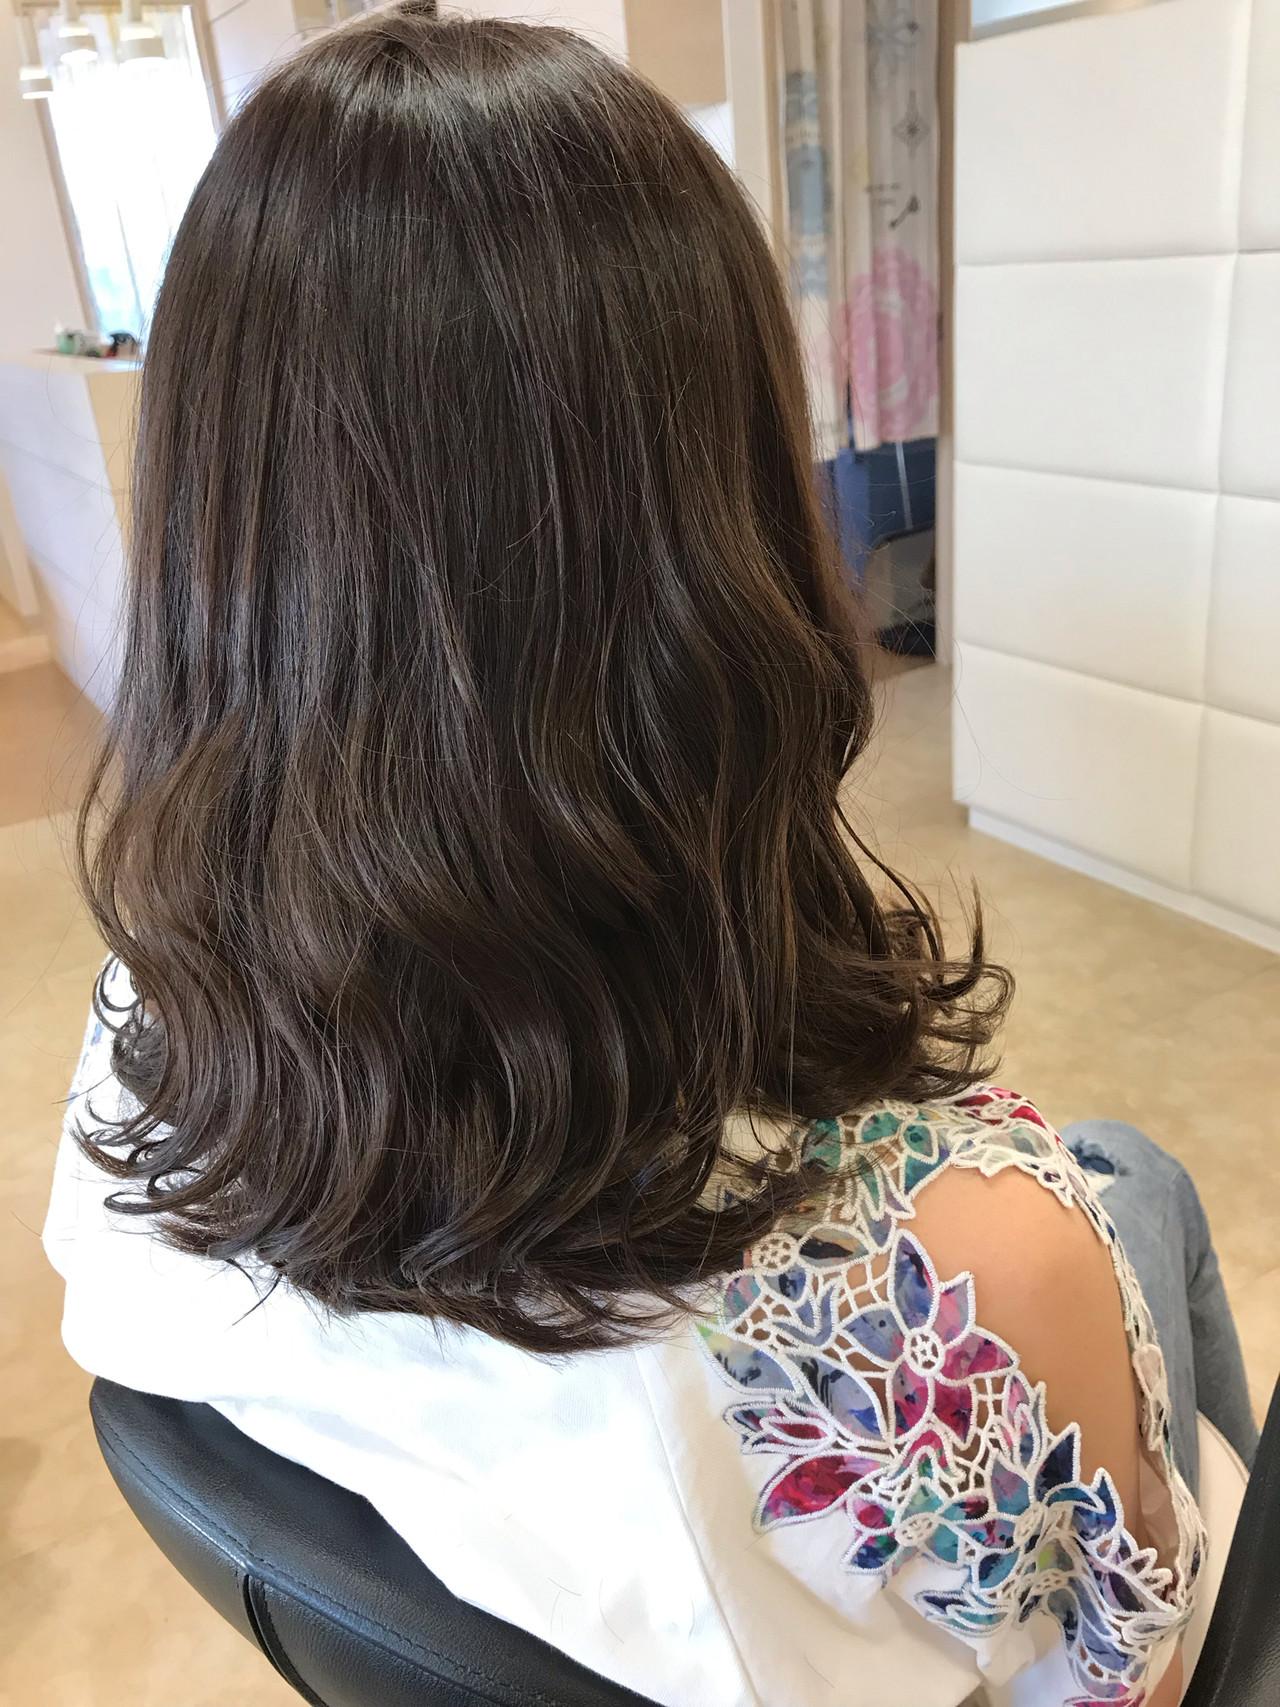 オフィス 簡単ヘアアレンジ ナチュラル アウトドア ヘアスタイルや髪型の写真・画像 | 志賀 貴人 / 桜DECOティンプル